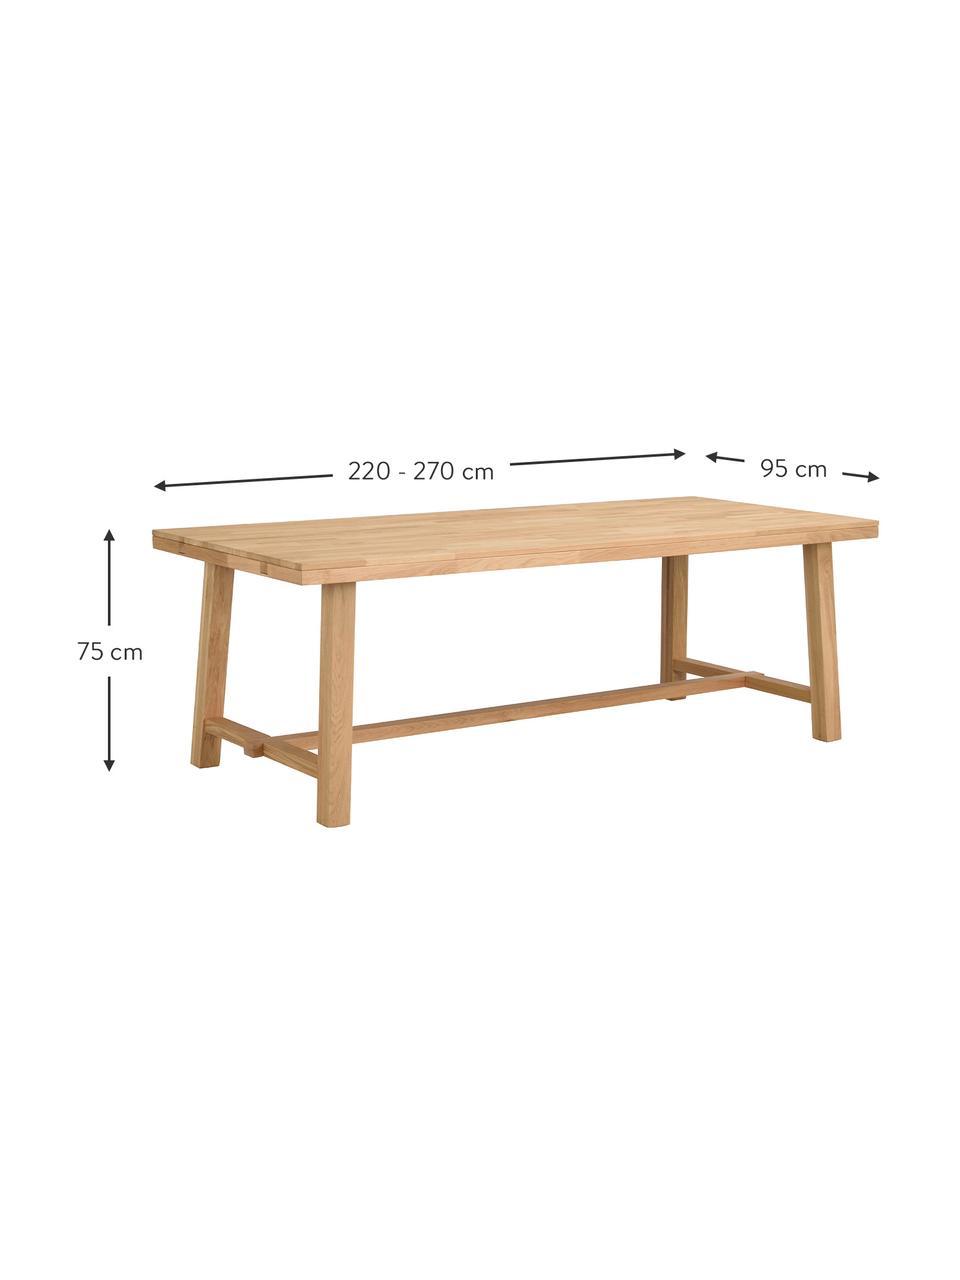 Tavolo allungabile in legno massello Brooklyn, 220 - 270 x 95 cm, Legno di quercia massello, laccato trasparente, Legno di quercia, Larg. 220 a 270 x Prof. 95 cm